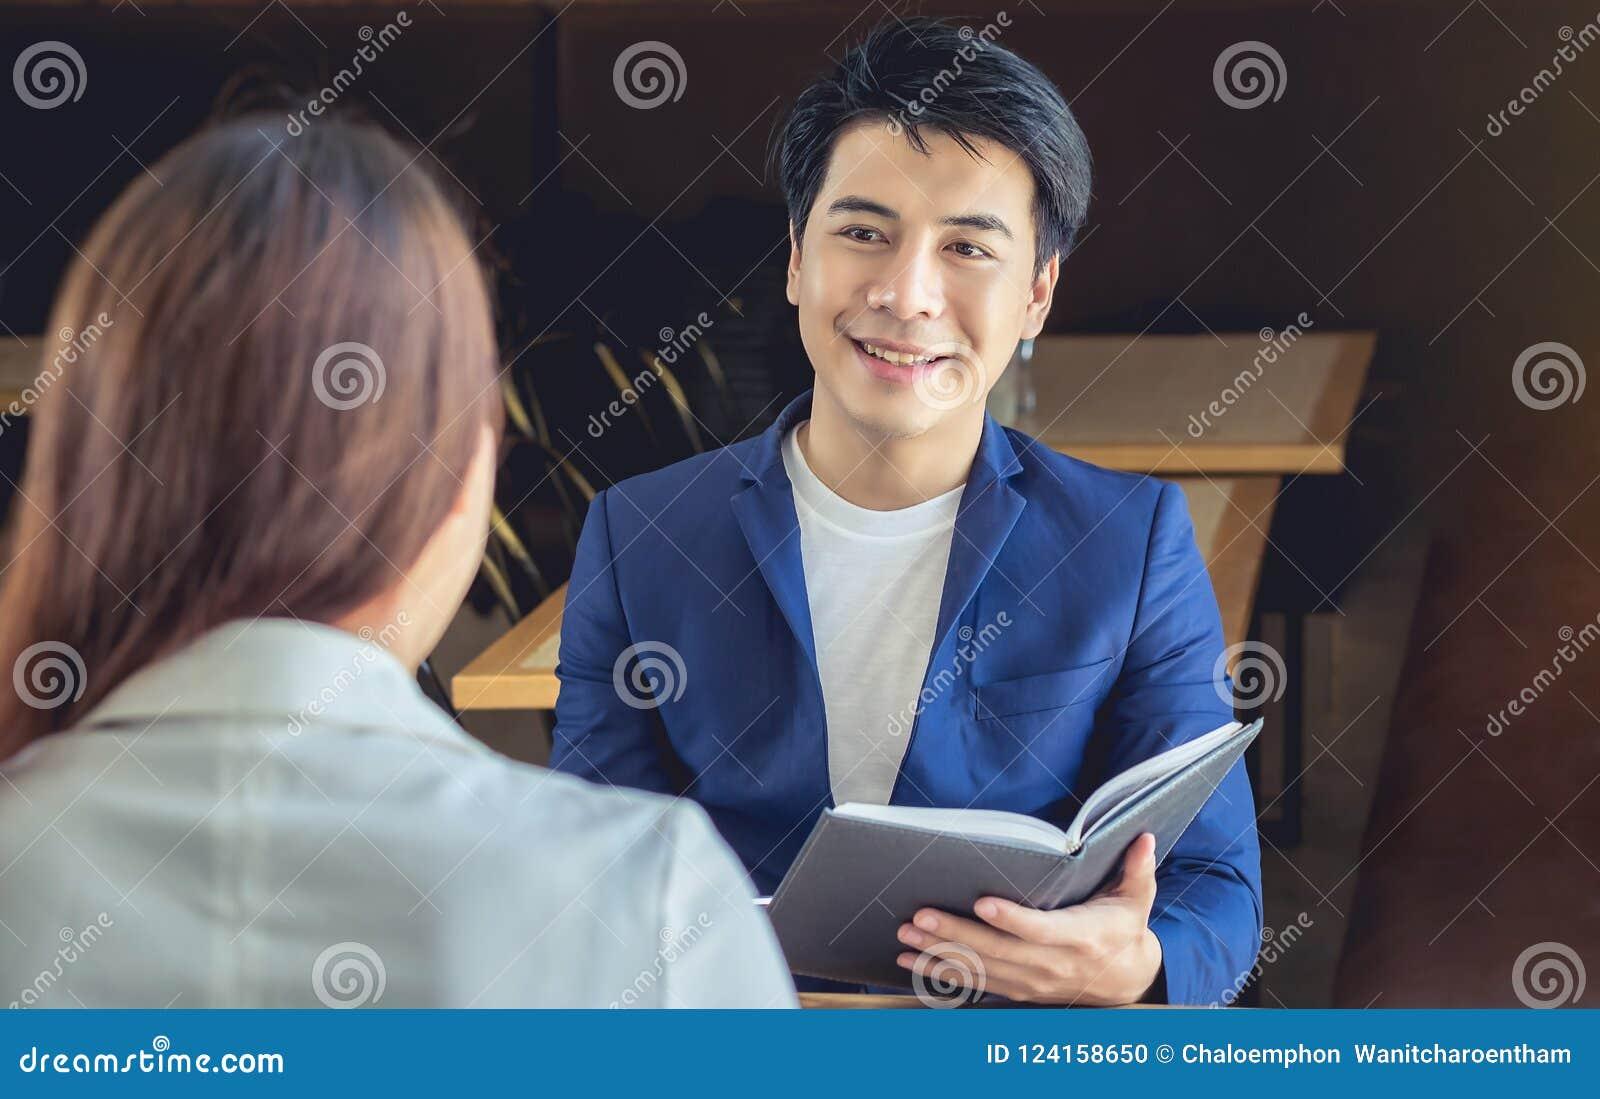 Azjatycki biznesmen ono uśmiecha się w życzliwym spotykać biznesową rozmowę